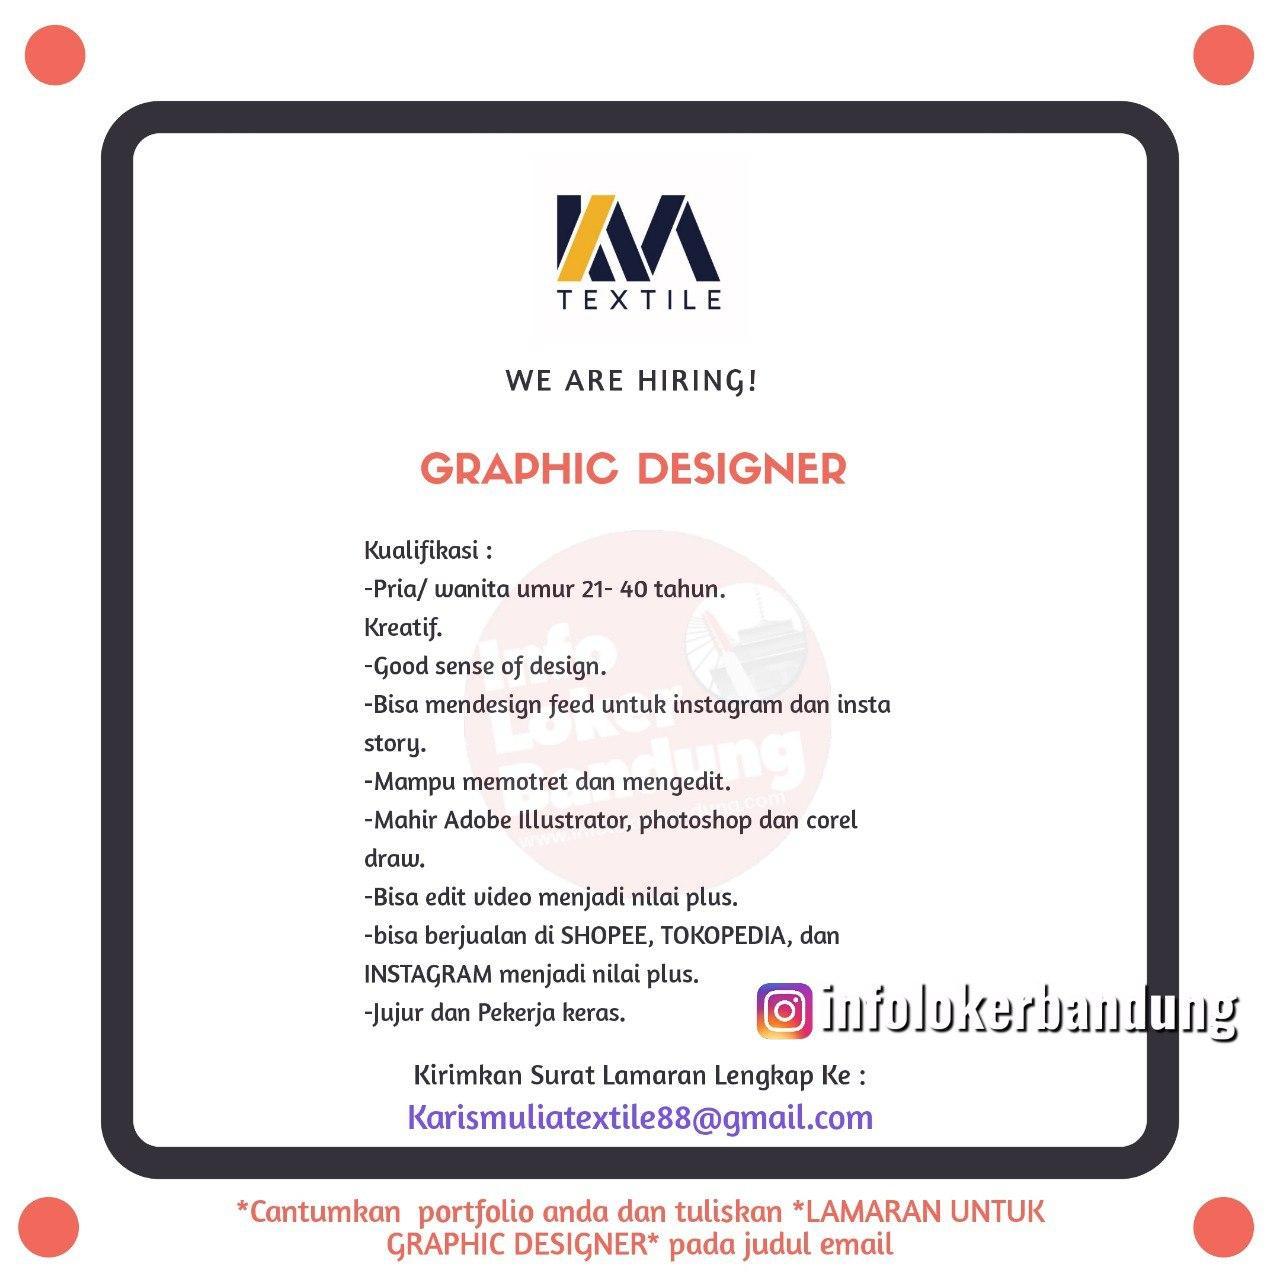 Lowongan Kerja Graphic Designer Karis Mulia Textile Bandung April 2020